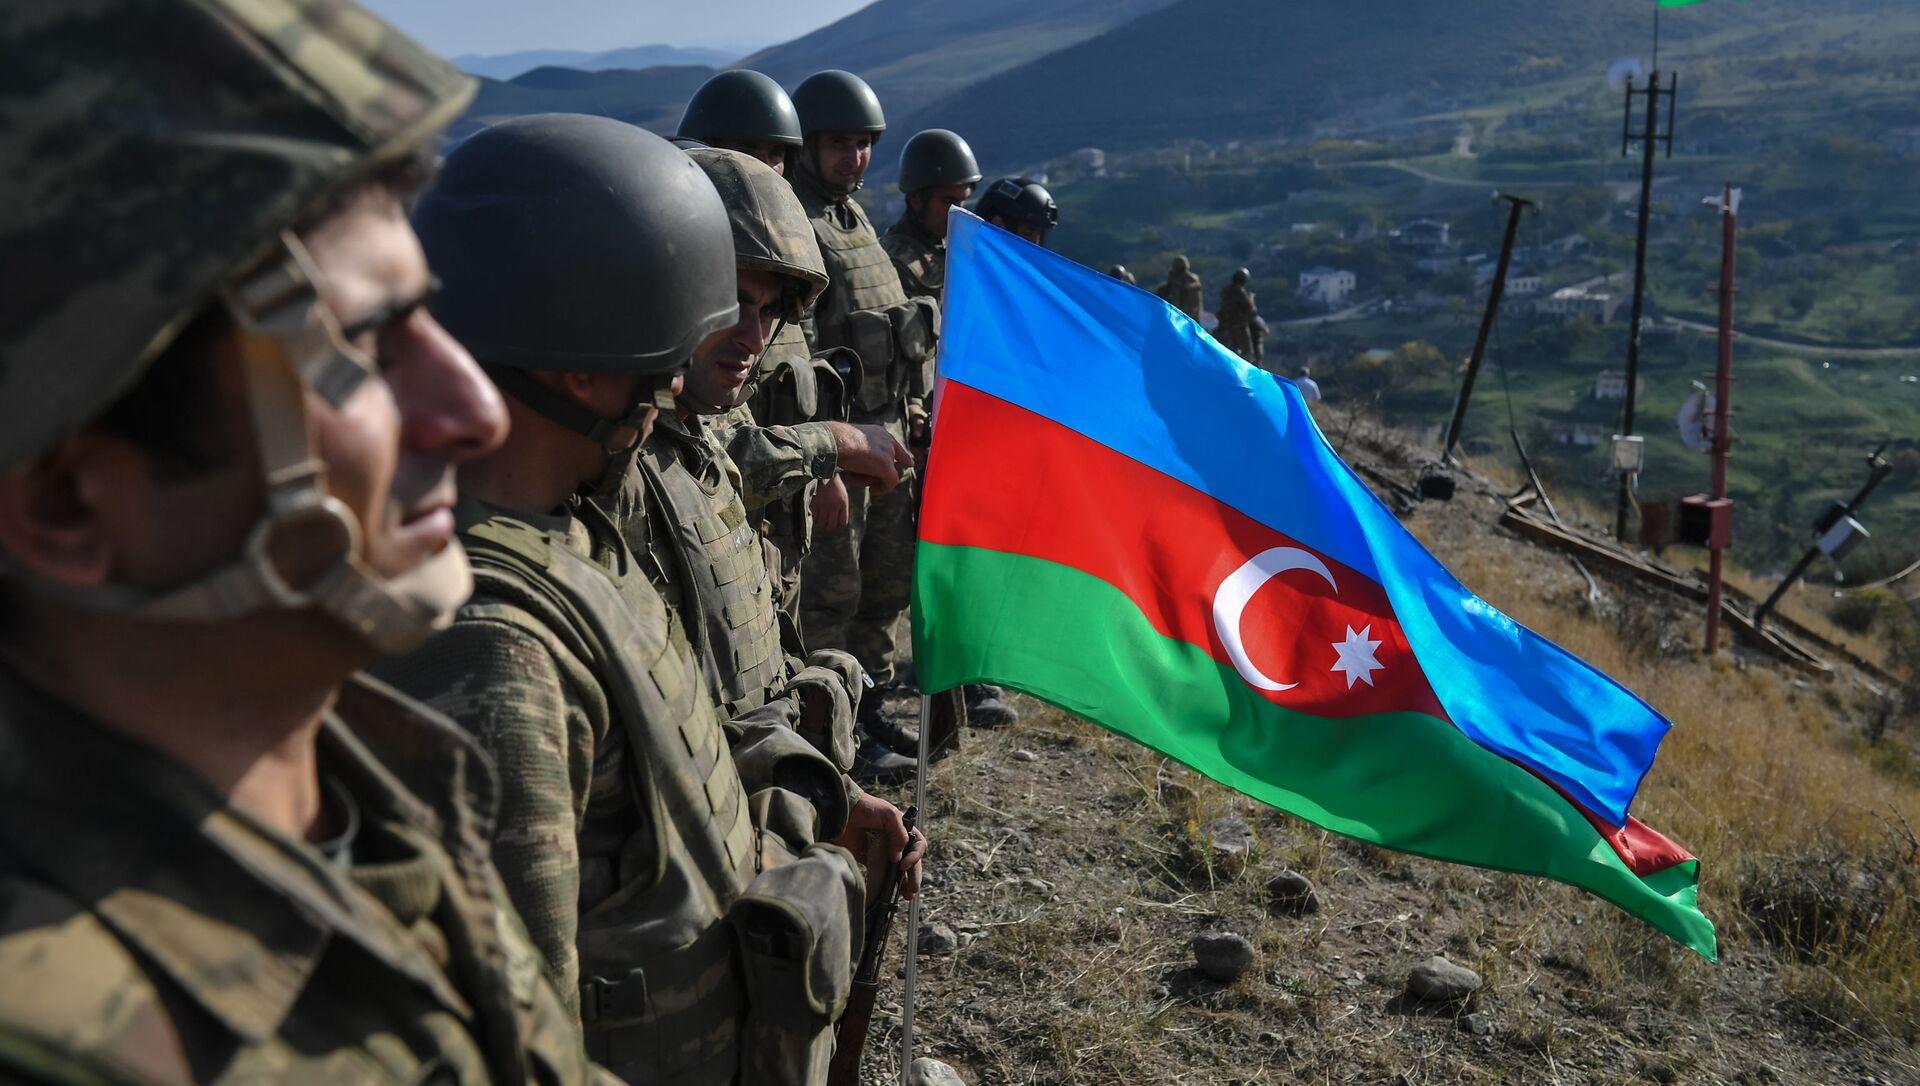 Азербайджанские военнослужащие, фото из архива  - Sputnik Азербайджан, 1920, 10.04.2021